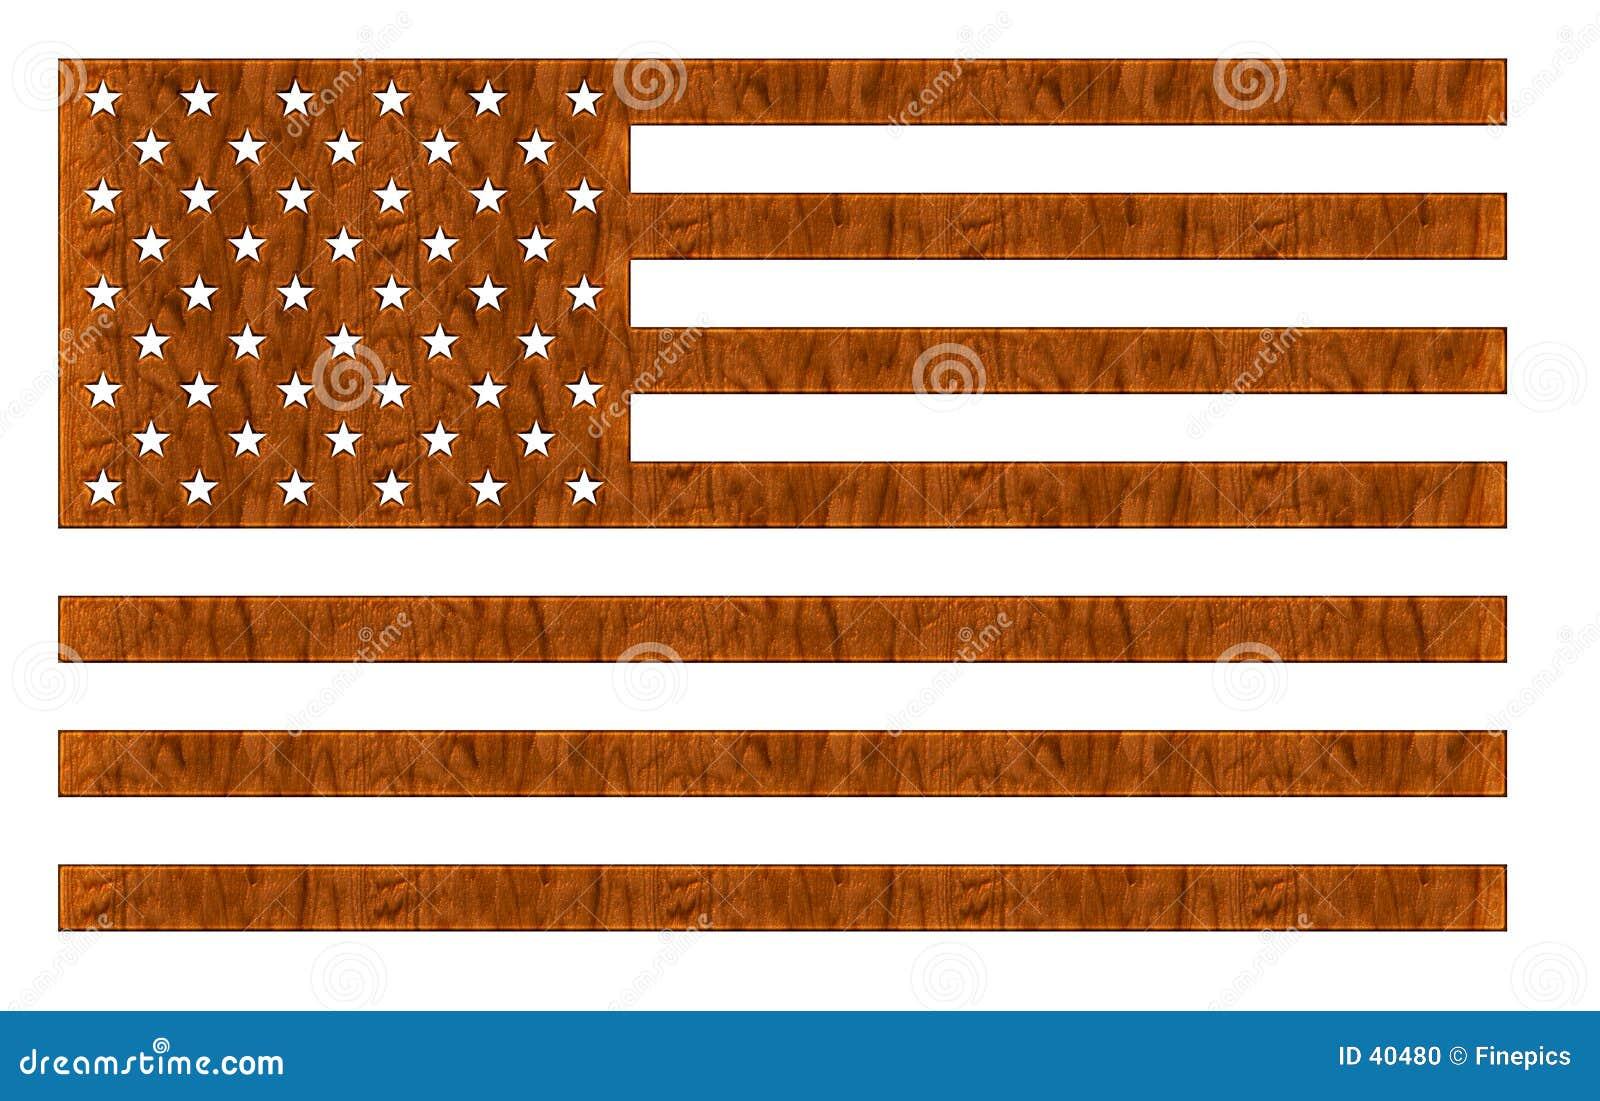 Flagge-Holz